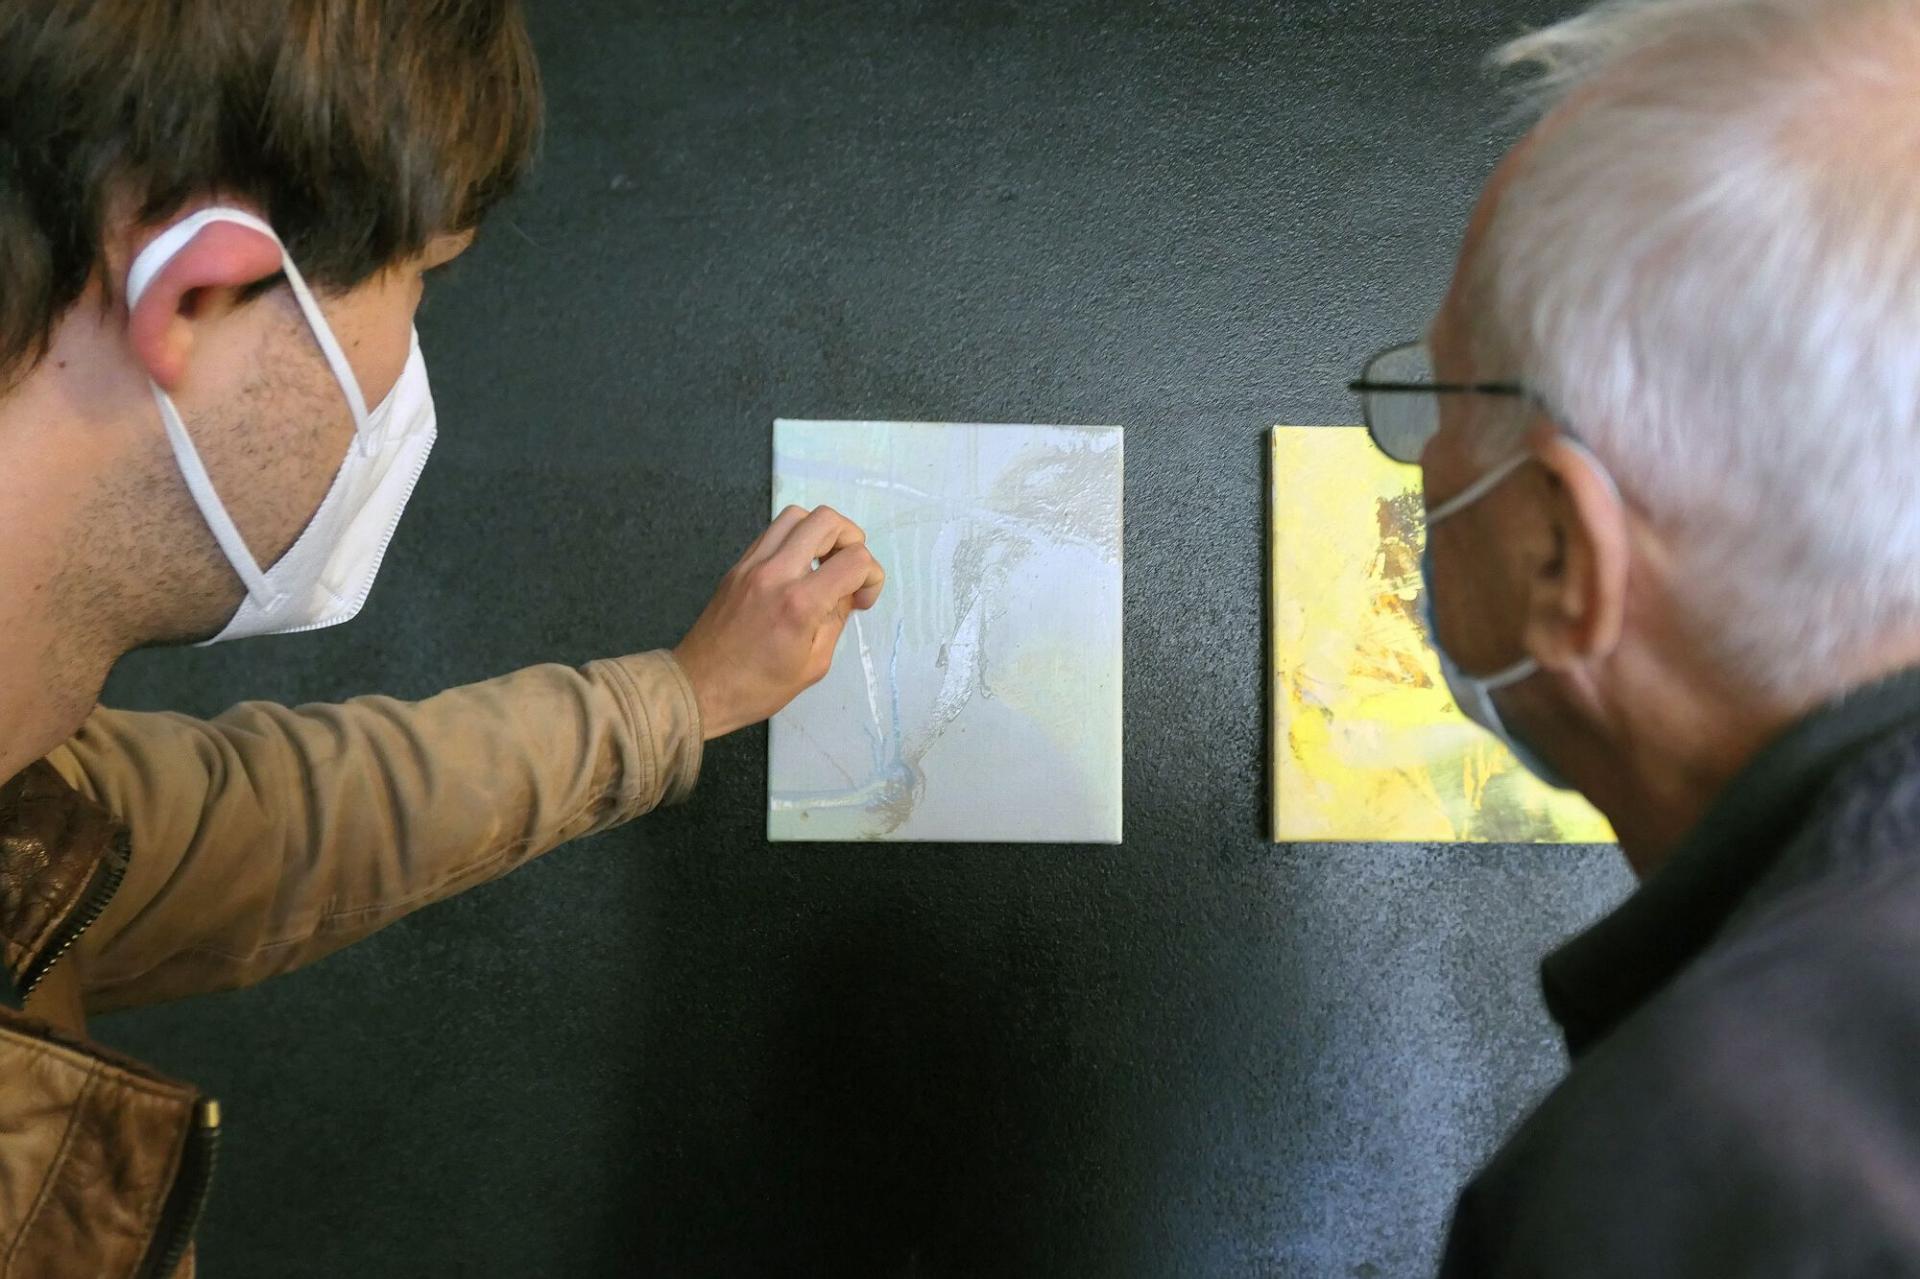 Franz Rentsch (l.) erklärt Peter Löwe wie dieses Bild entstanden ist. Unter anderem ließ er es einen Tag im Regen hängen, um zu beobachten, wie sie die Farben dadurch verändern. Foto: Ingrid Hoberg